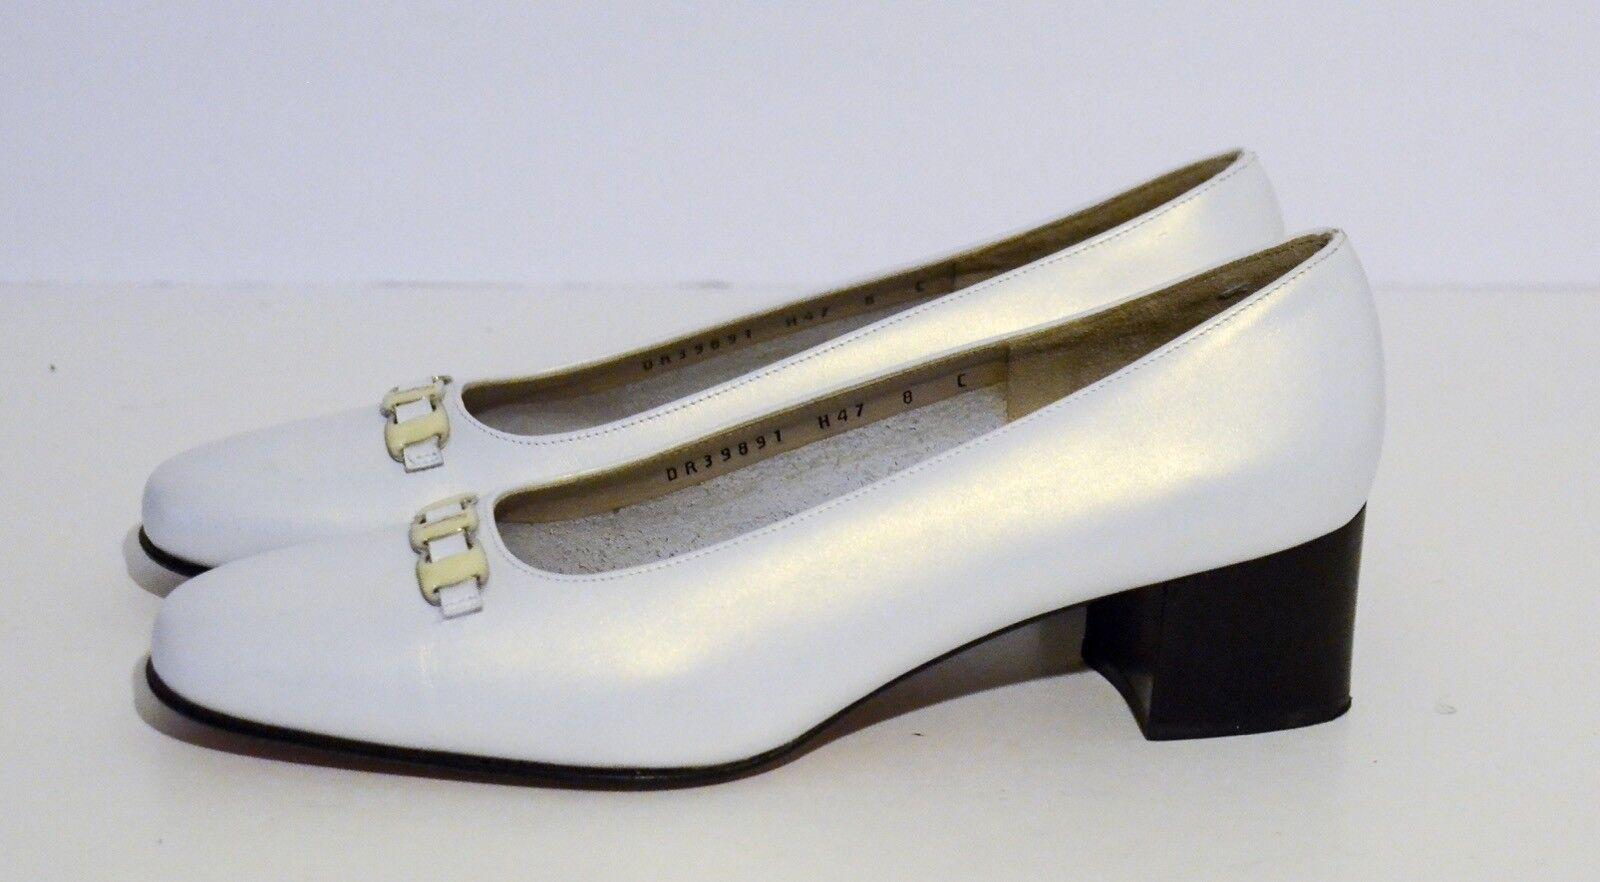 Salvatore Ferragamo Boutique Dorado blancooo Iridiscente Cuero Cuero Cuero Zapatos De Salón Talla 8 C  más vendido